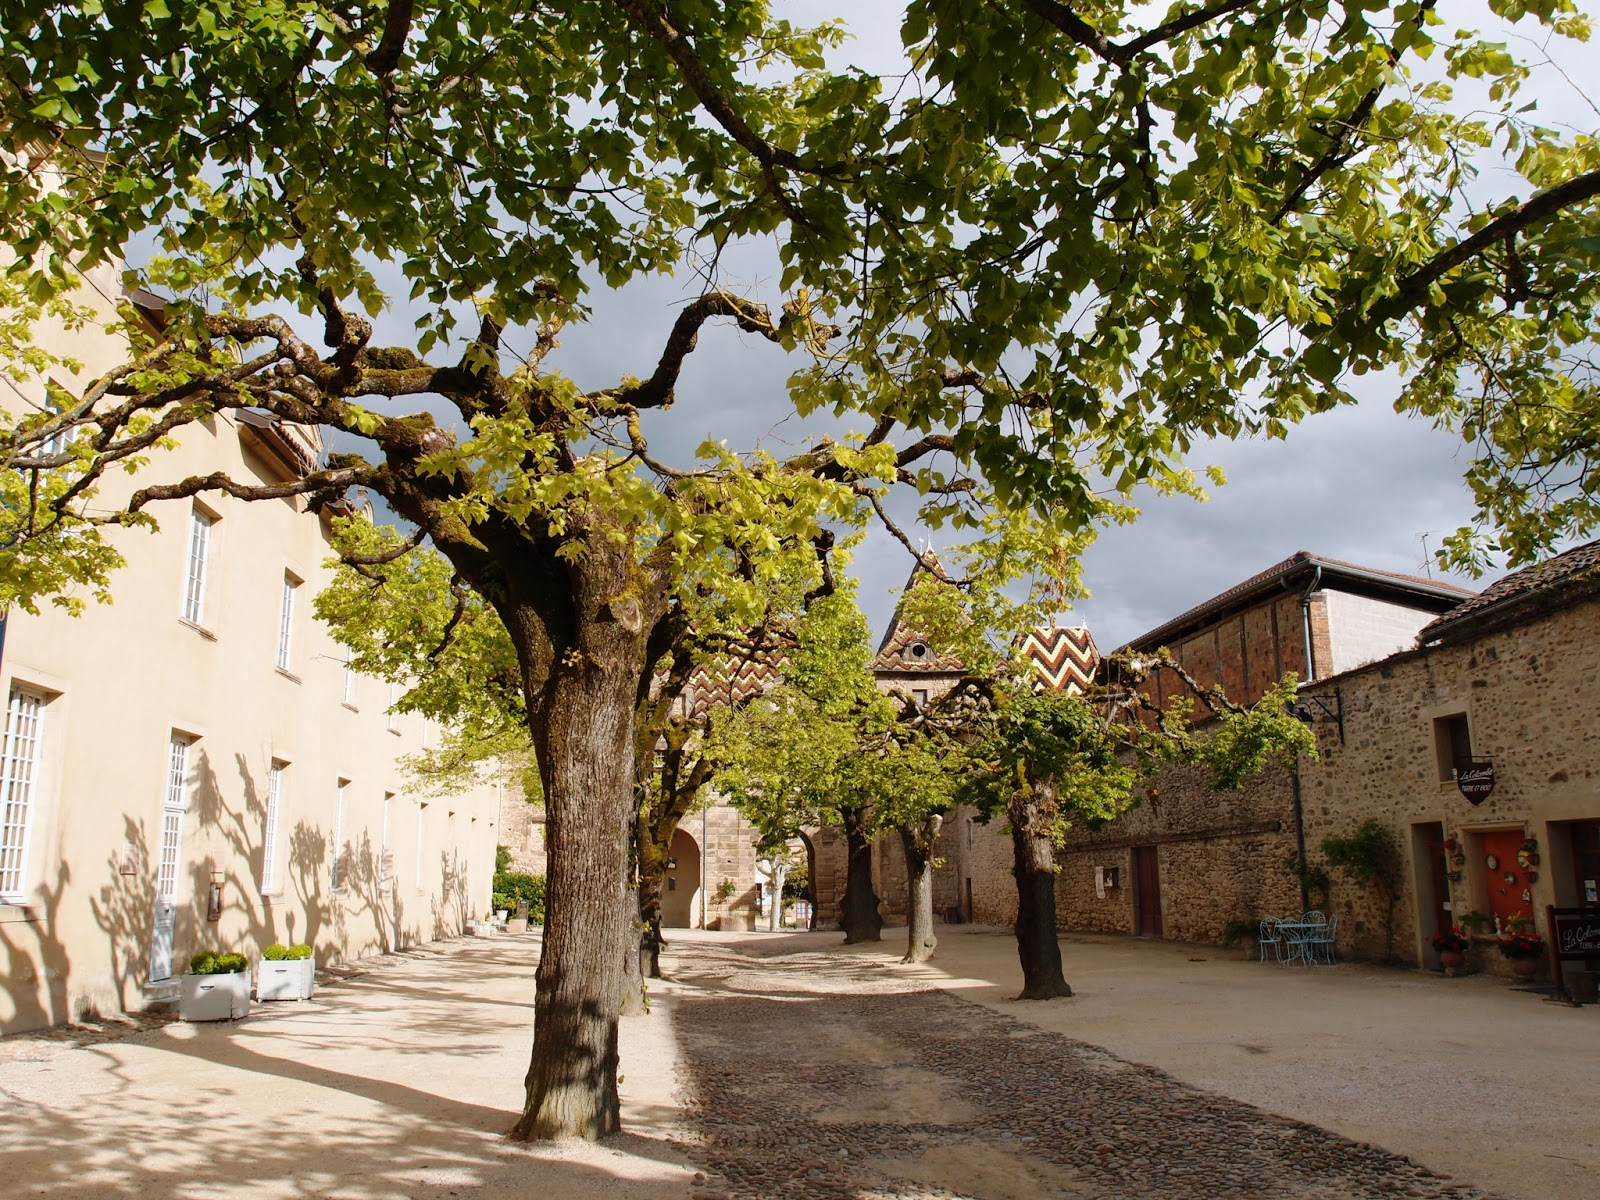 Достопримечательности и виды Saint-Antoine-l'Abbaye, путеводитель по Saint-Antoine-l'Abbaye